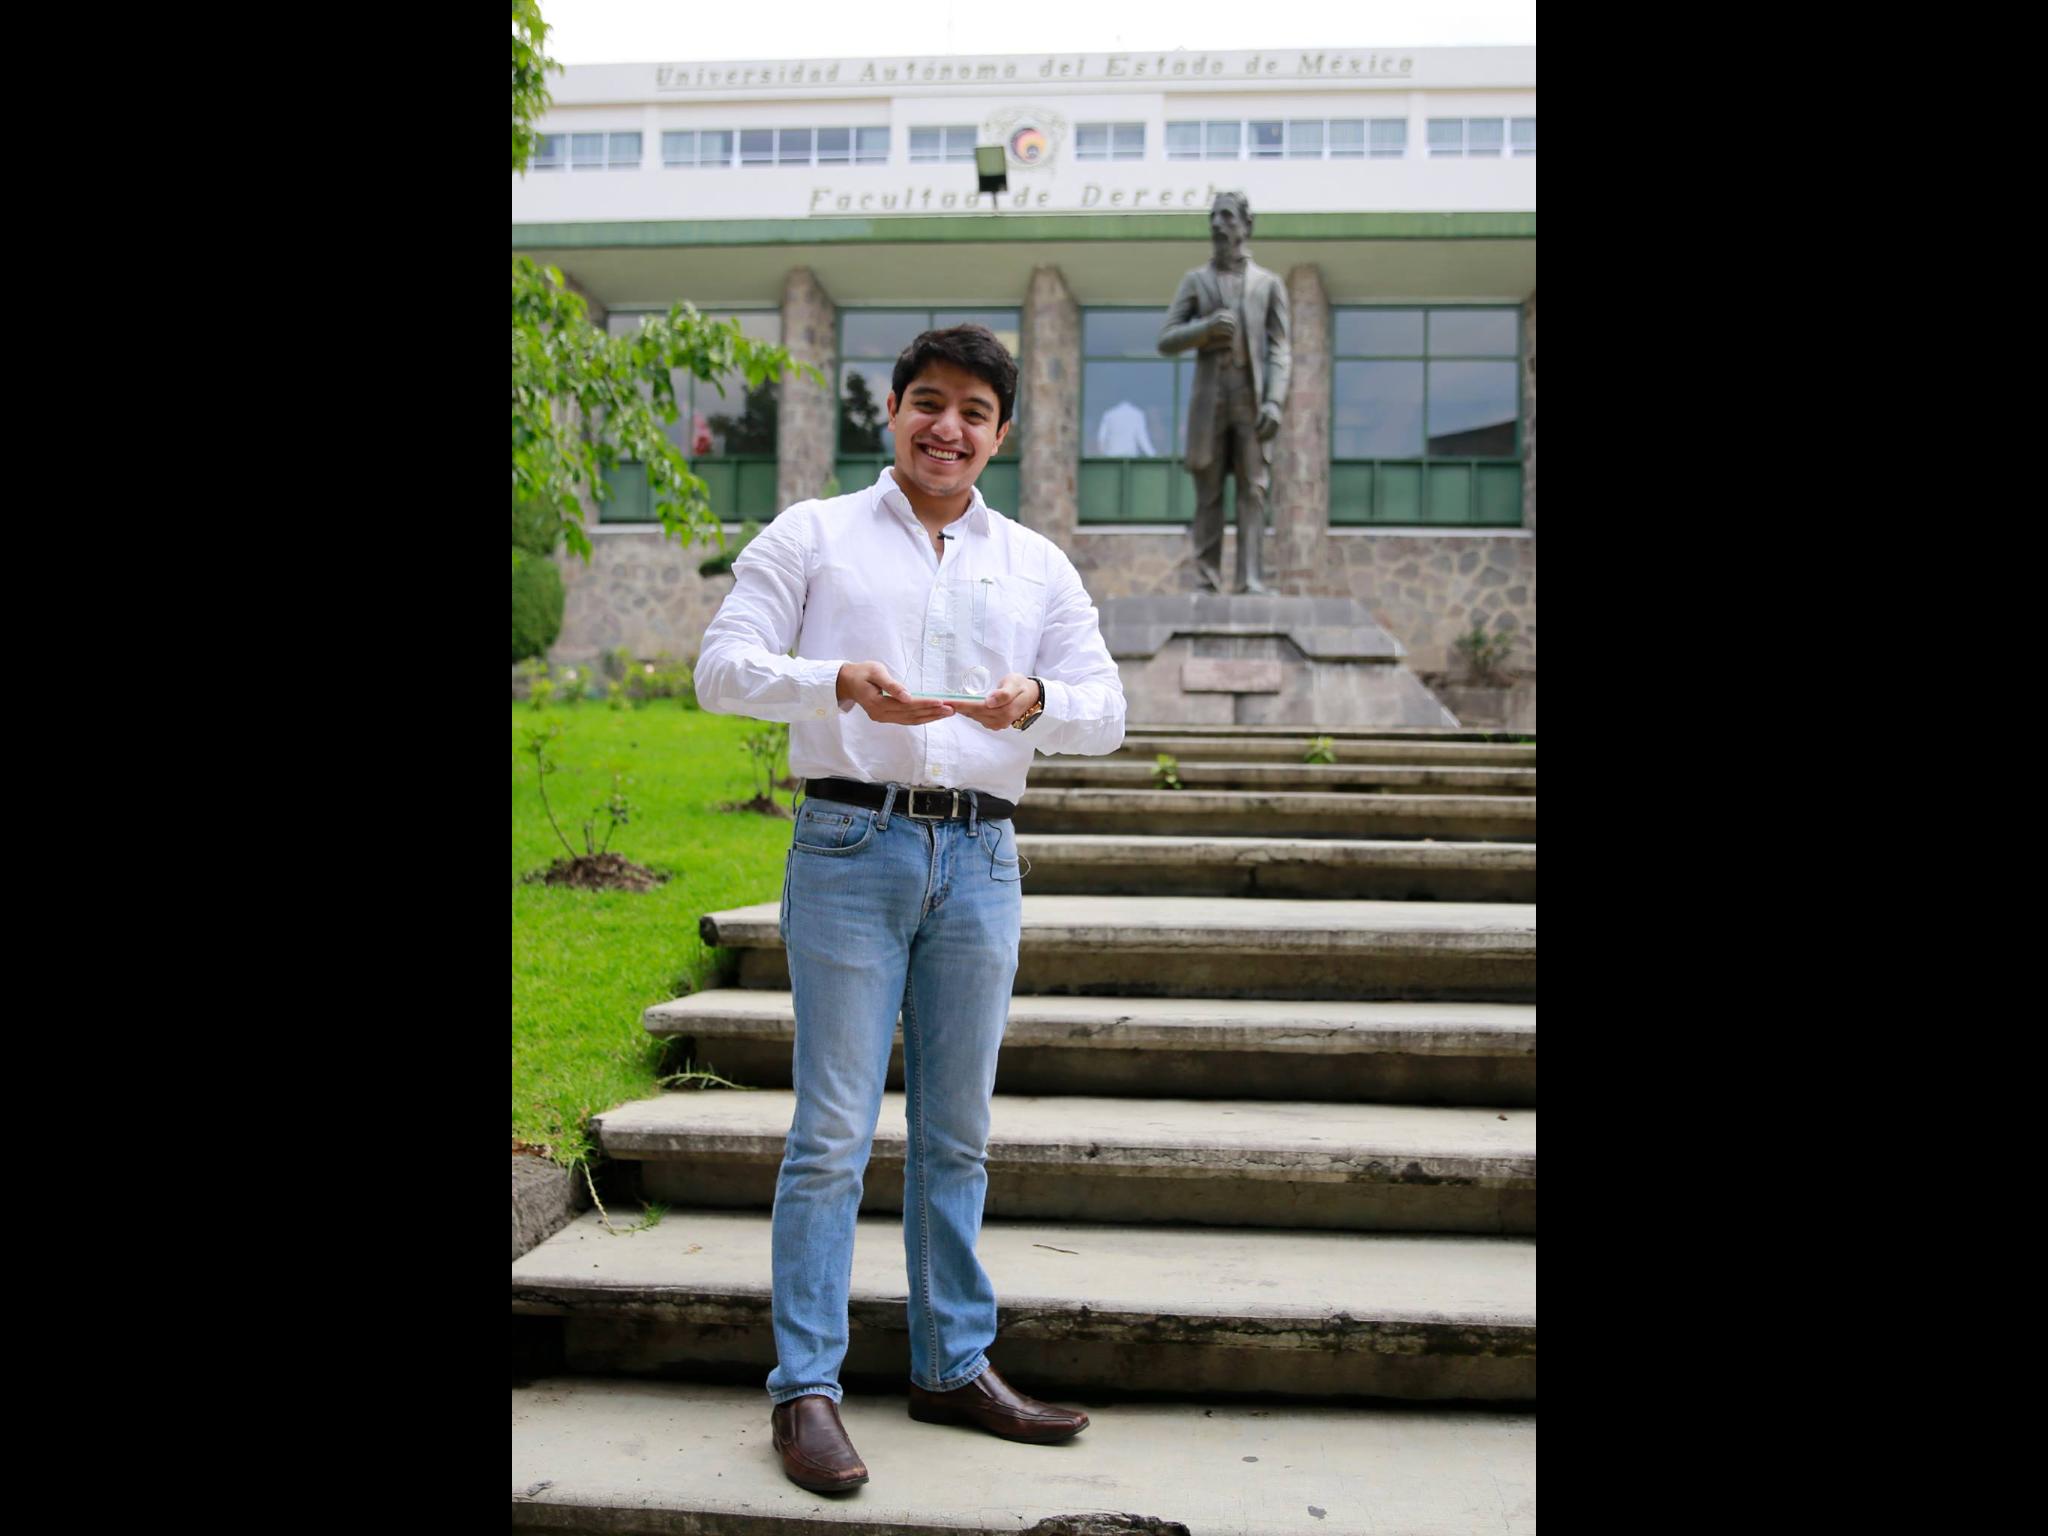 Estudiante UAEM recibe reconocimiento en Modelo de Naciones Unidas del CIDE